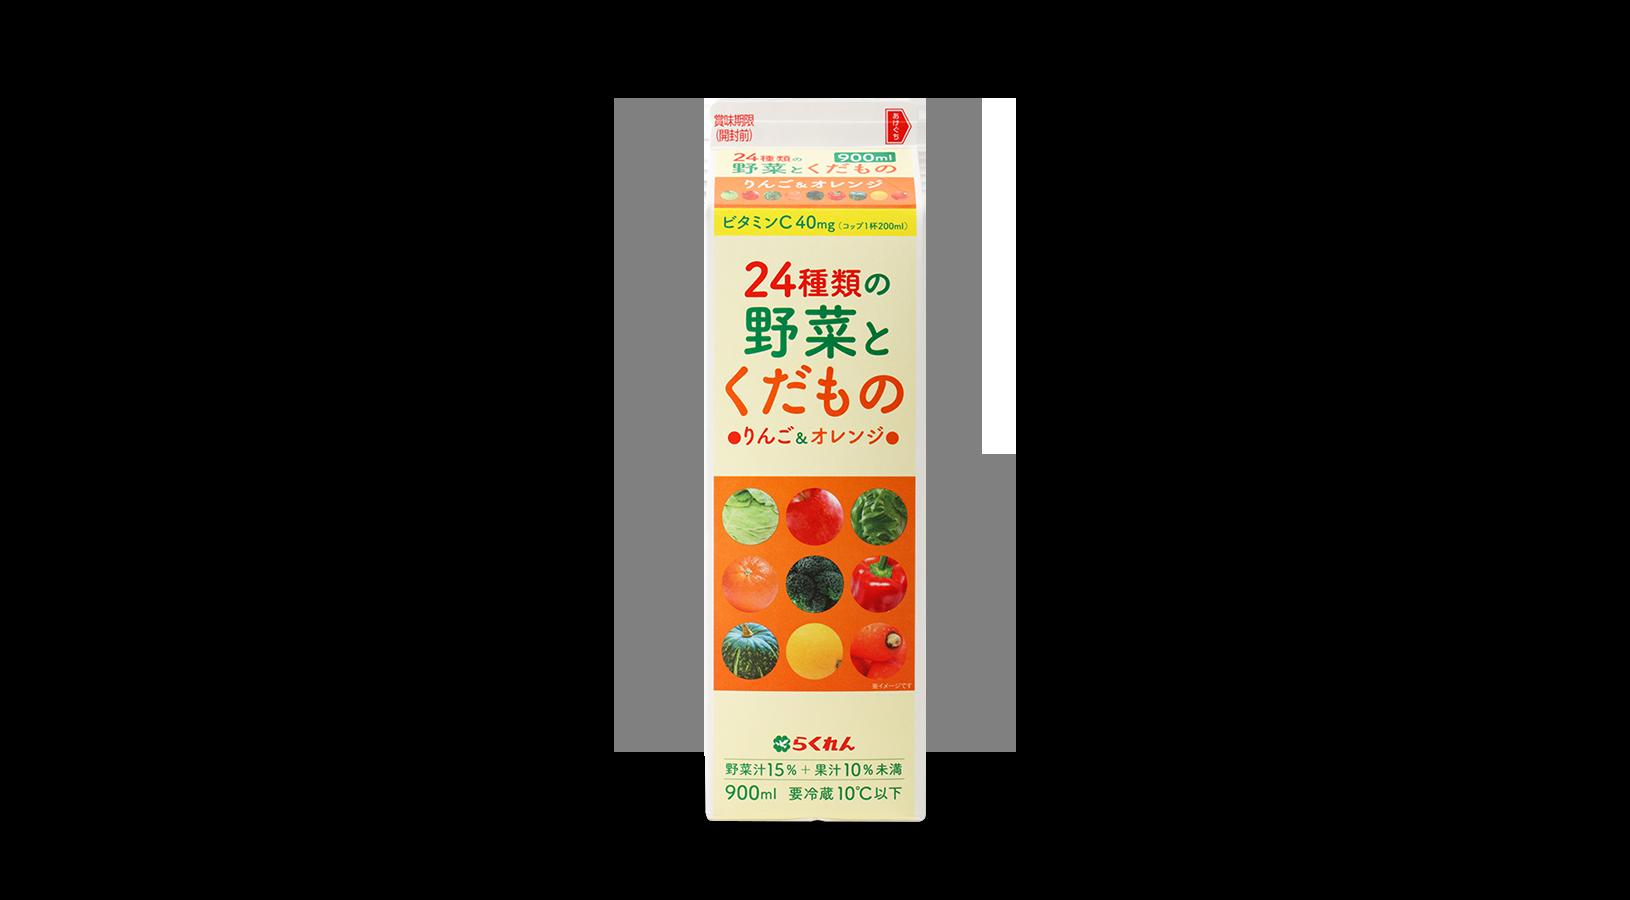 商品イメージ:野菜とくだものりんご&オレンジ